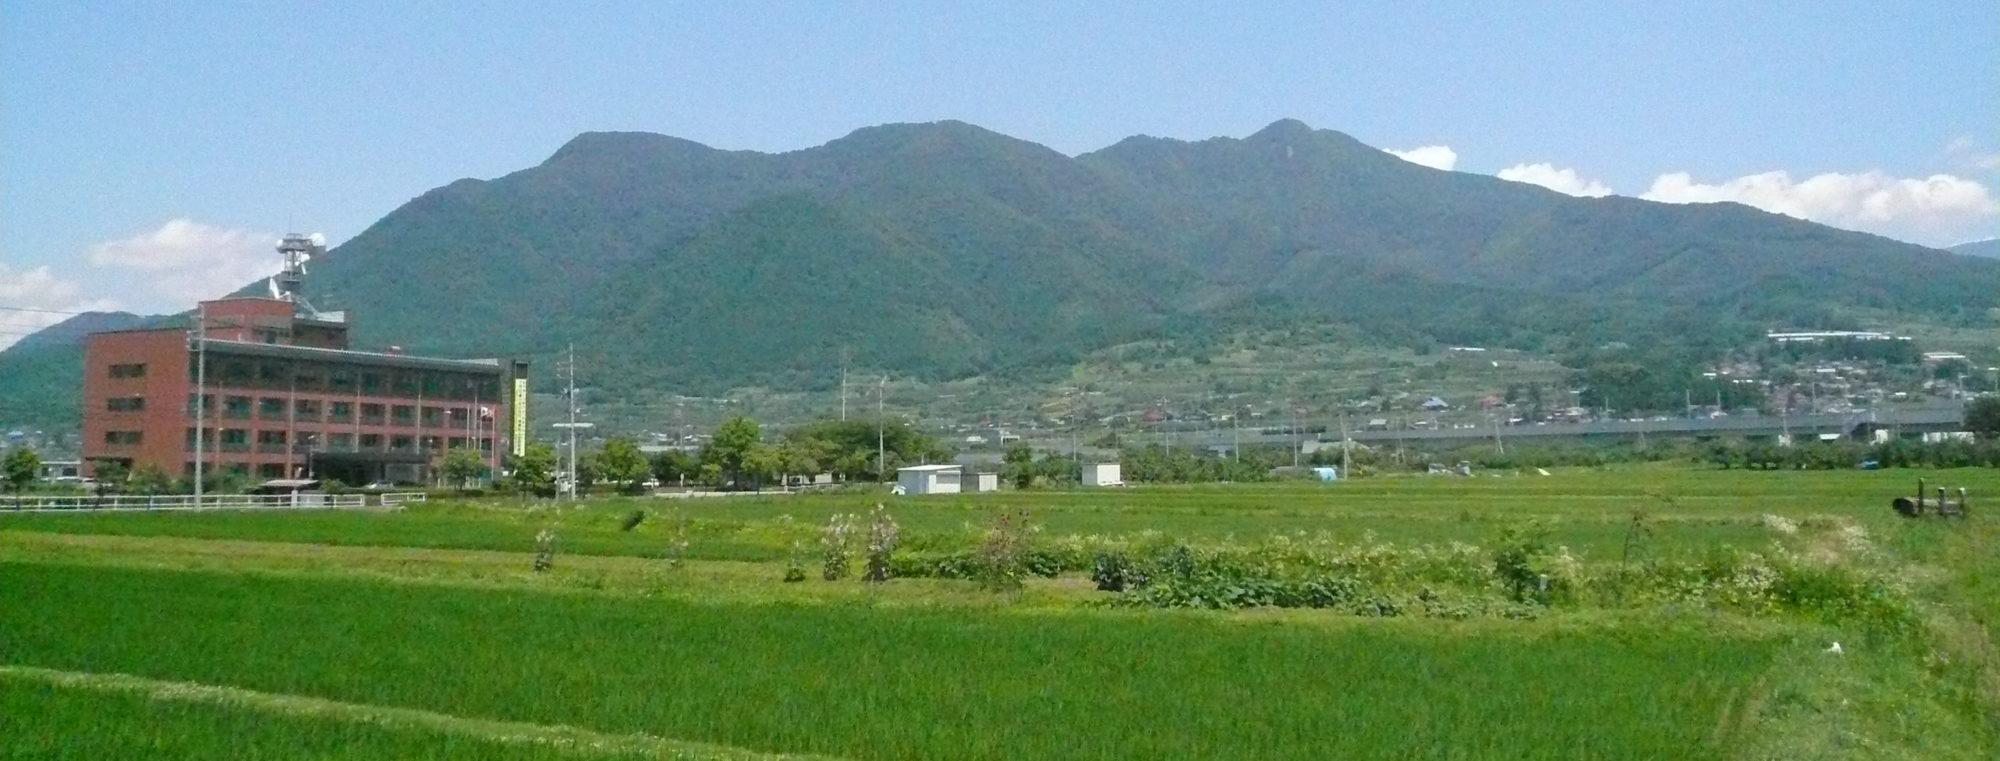 北信州からごきげんよう 北信地域の現地機関からのお知らせとともに、千年風土の豊穣の地「信越自然郷」の魅力をお届けします。